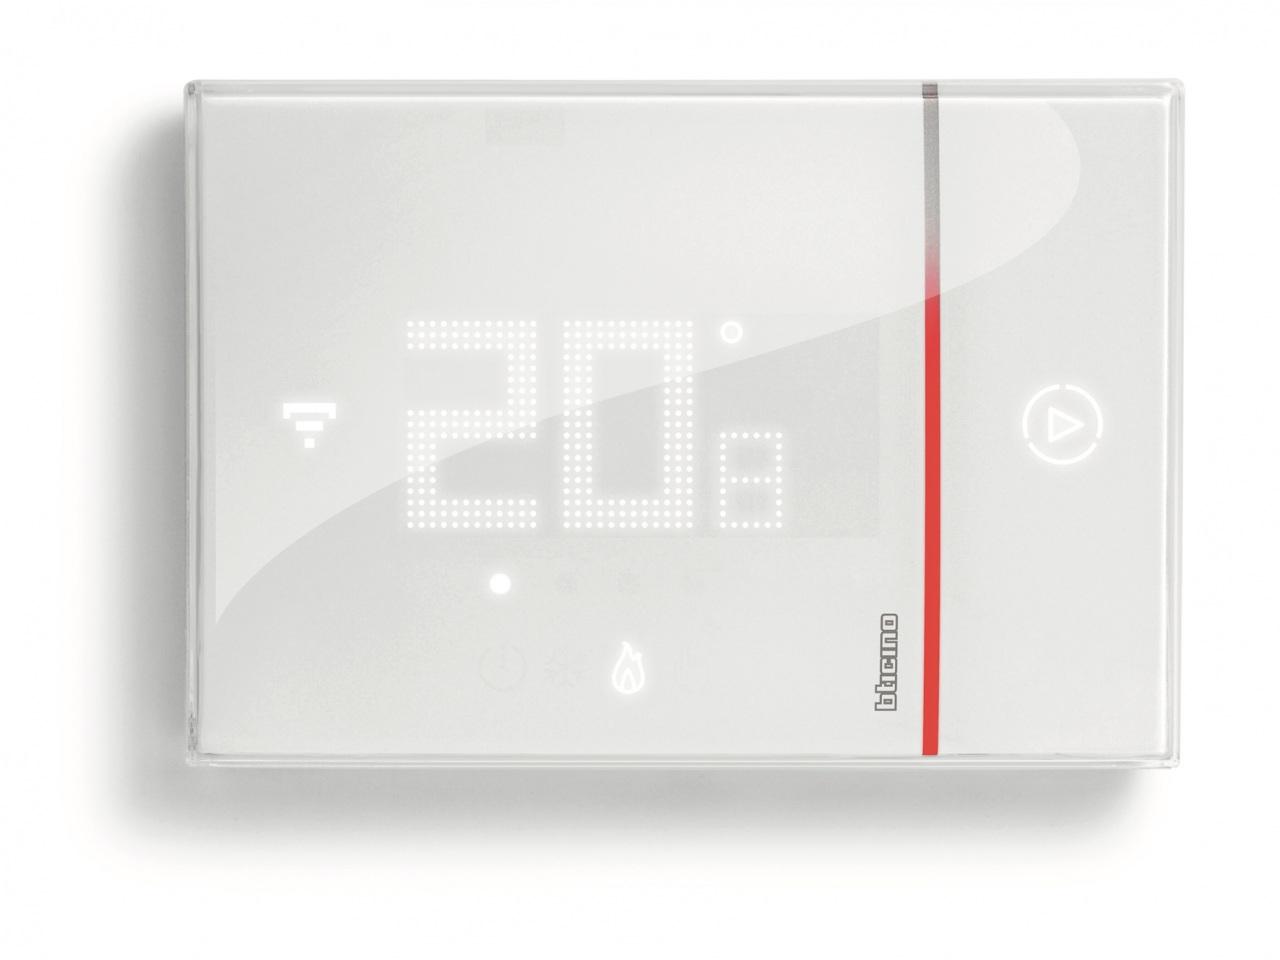 Smarther, il termostato connesso del programma Eliot di BTicino: comfort e risparmio energetico, ovunque